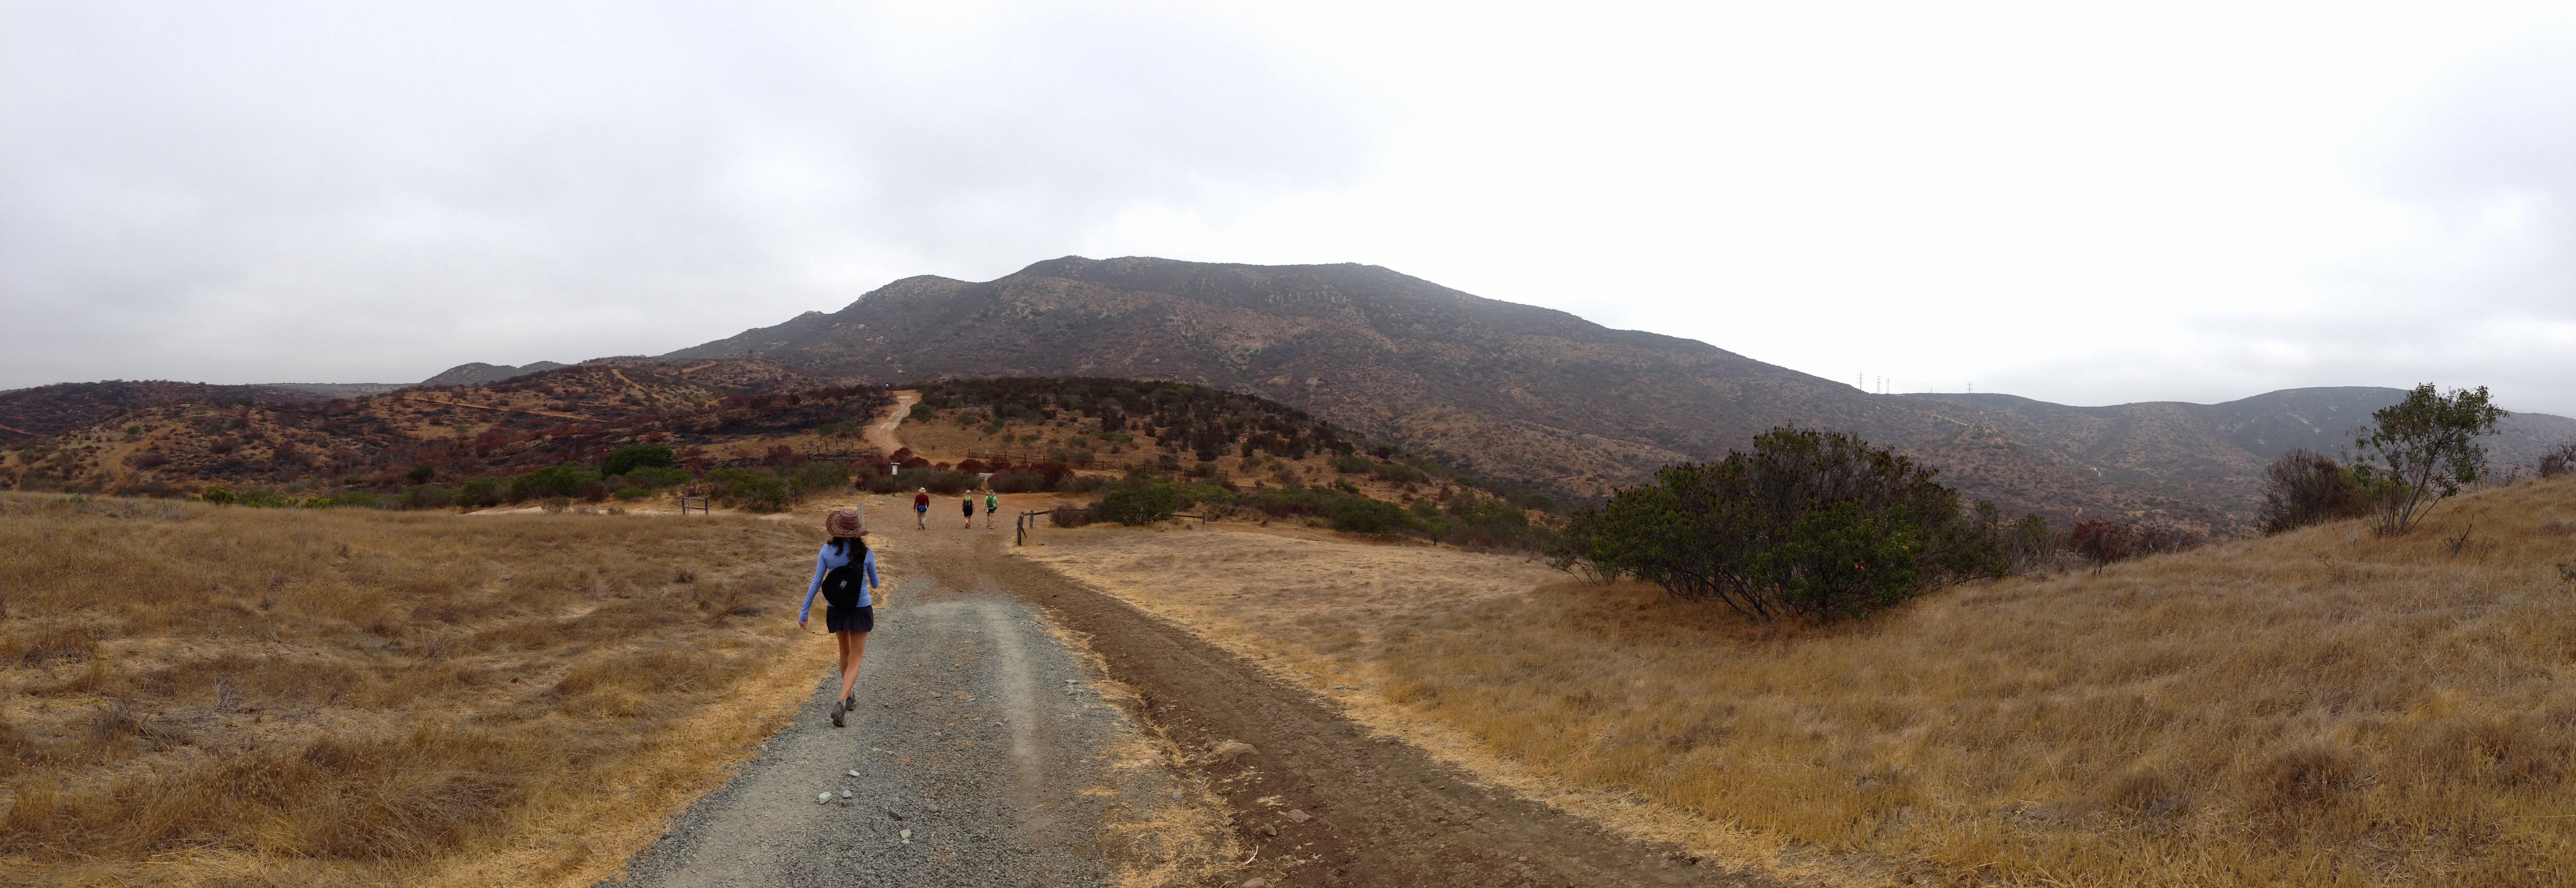 Hiking North Fortuna Mountain